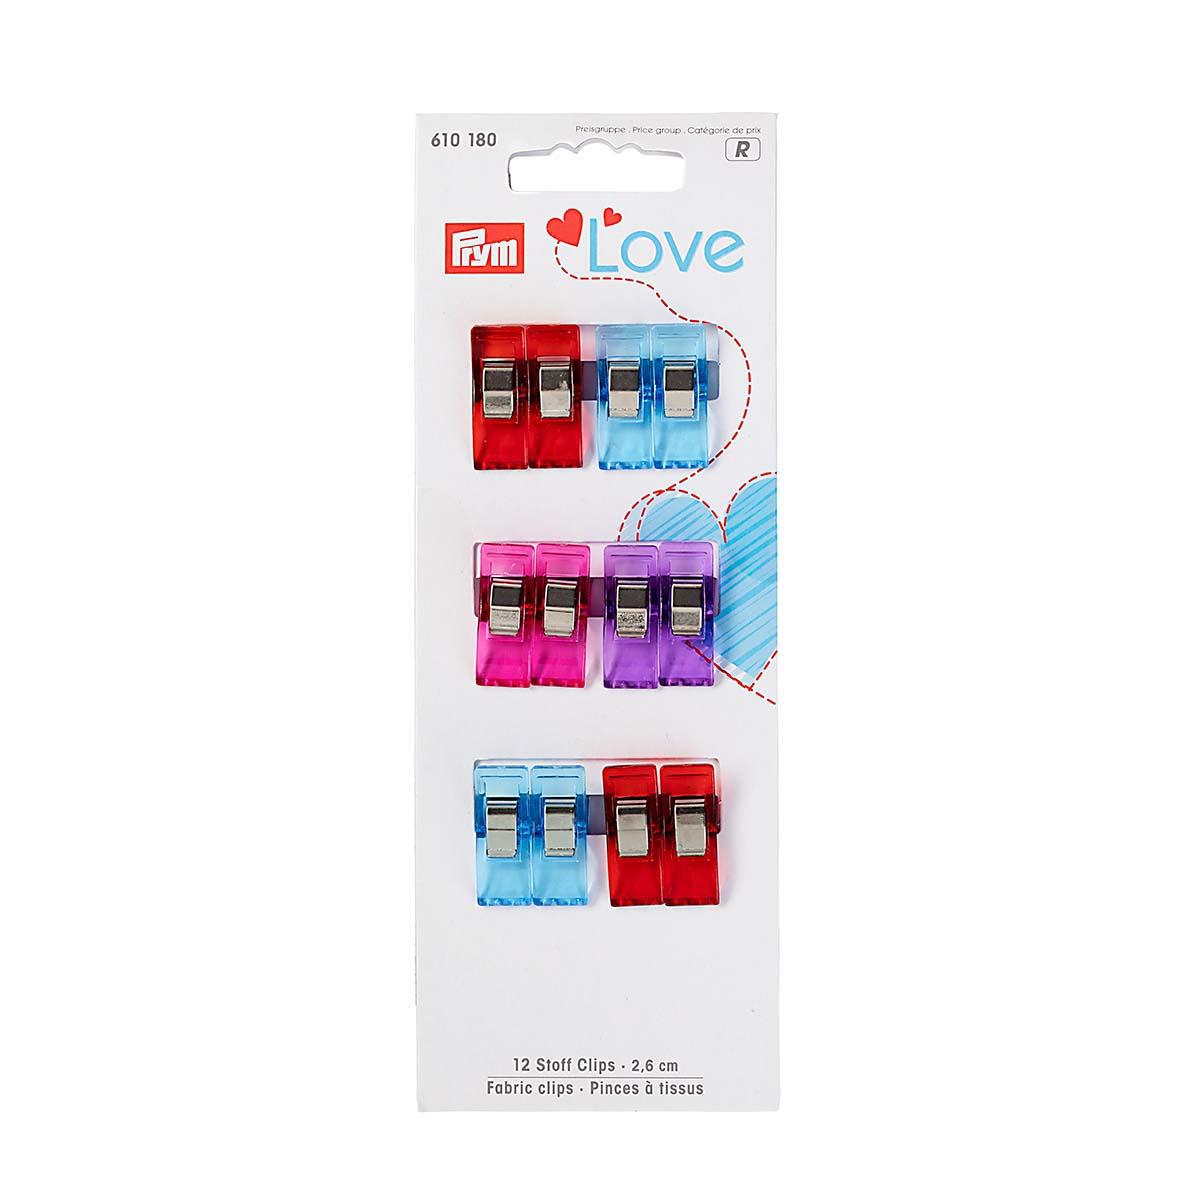 610180 Клипсы для работы с тканями Prym Love 2,6см, 12шт/упак, Prym